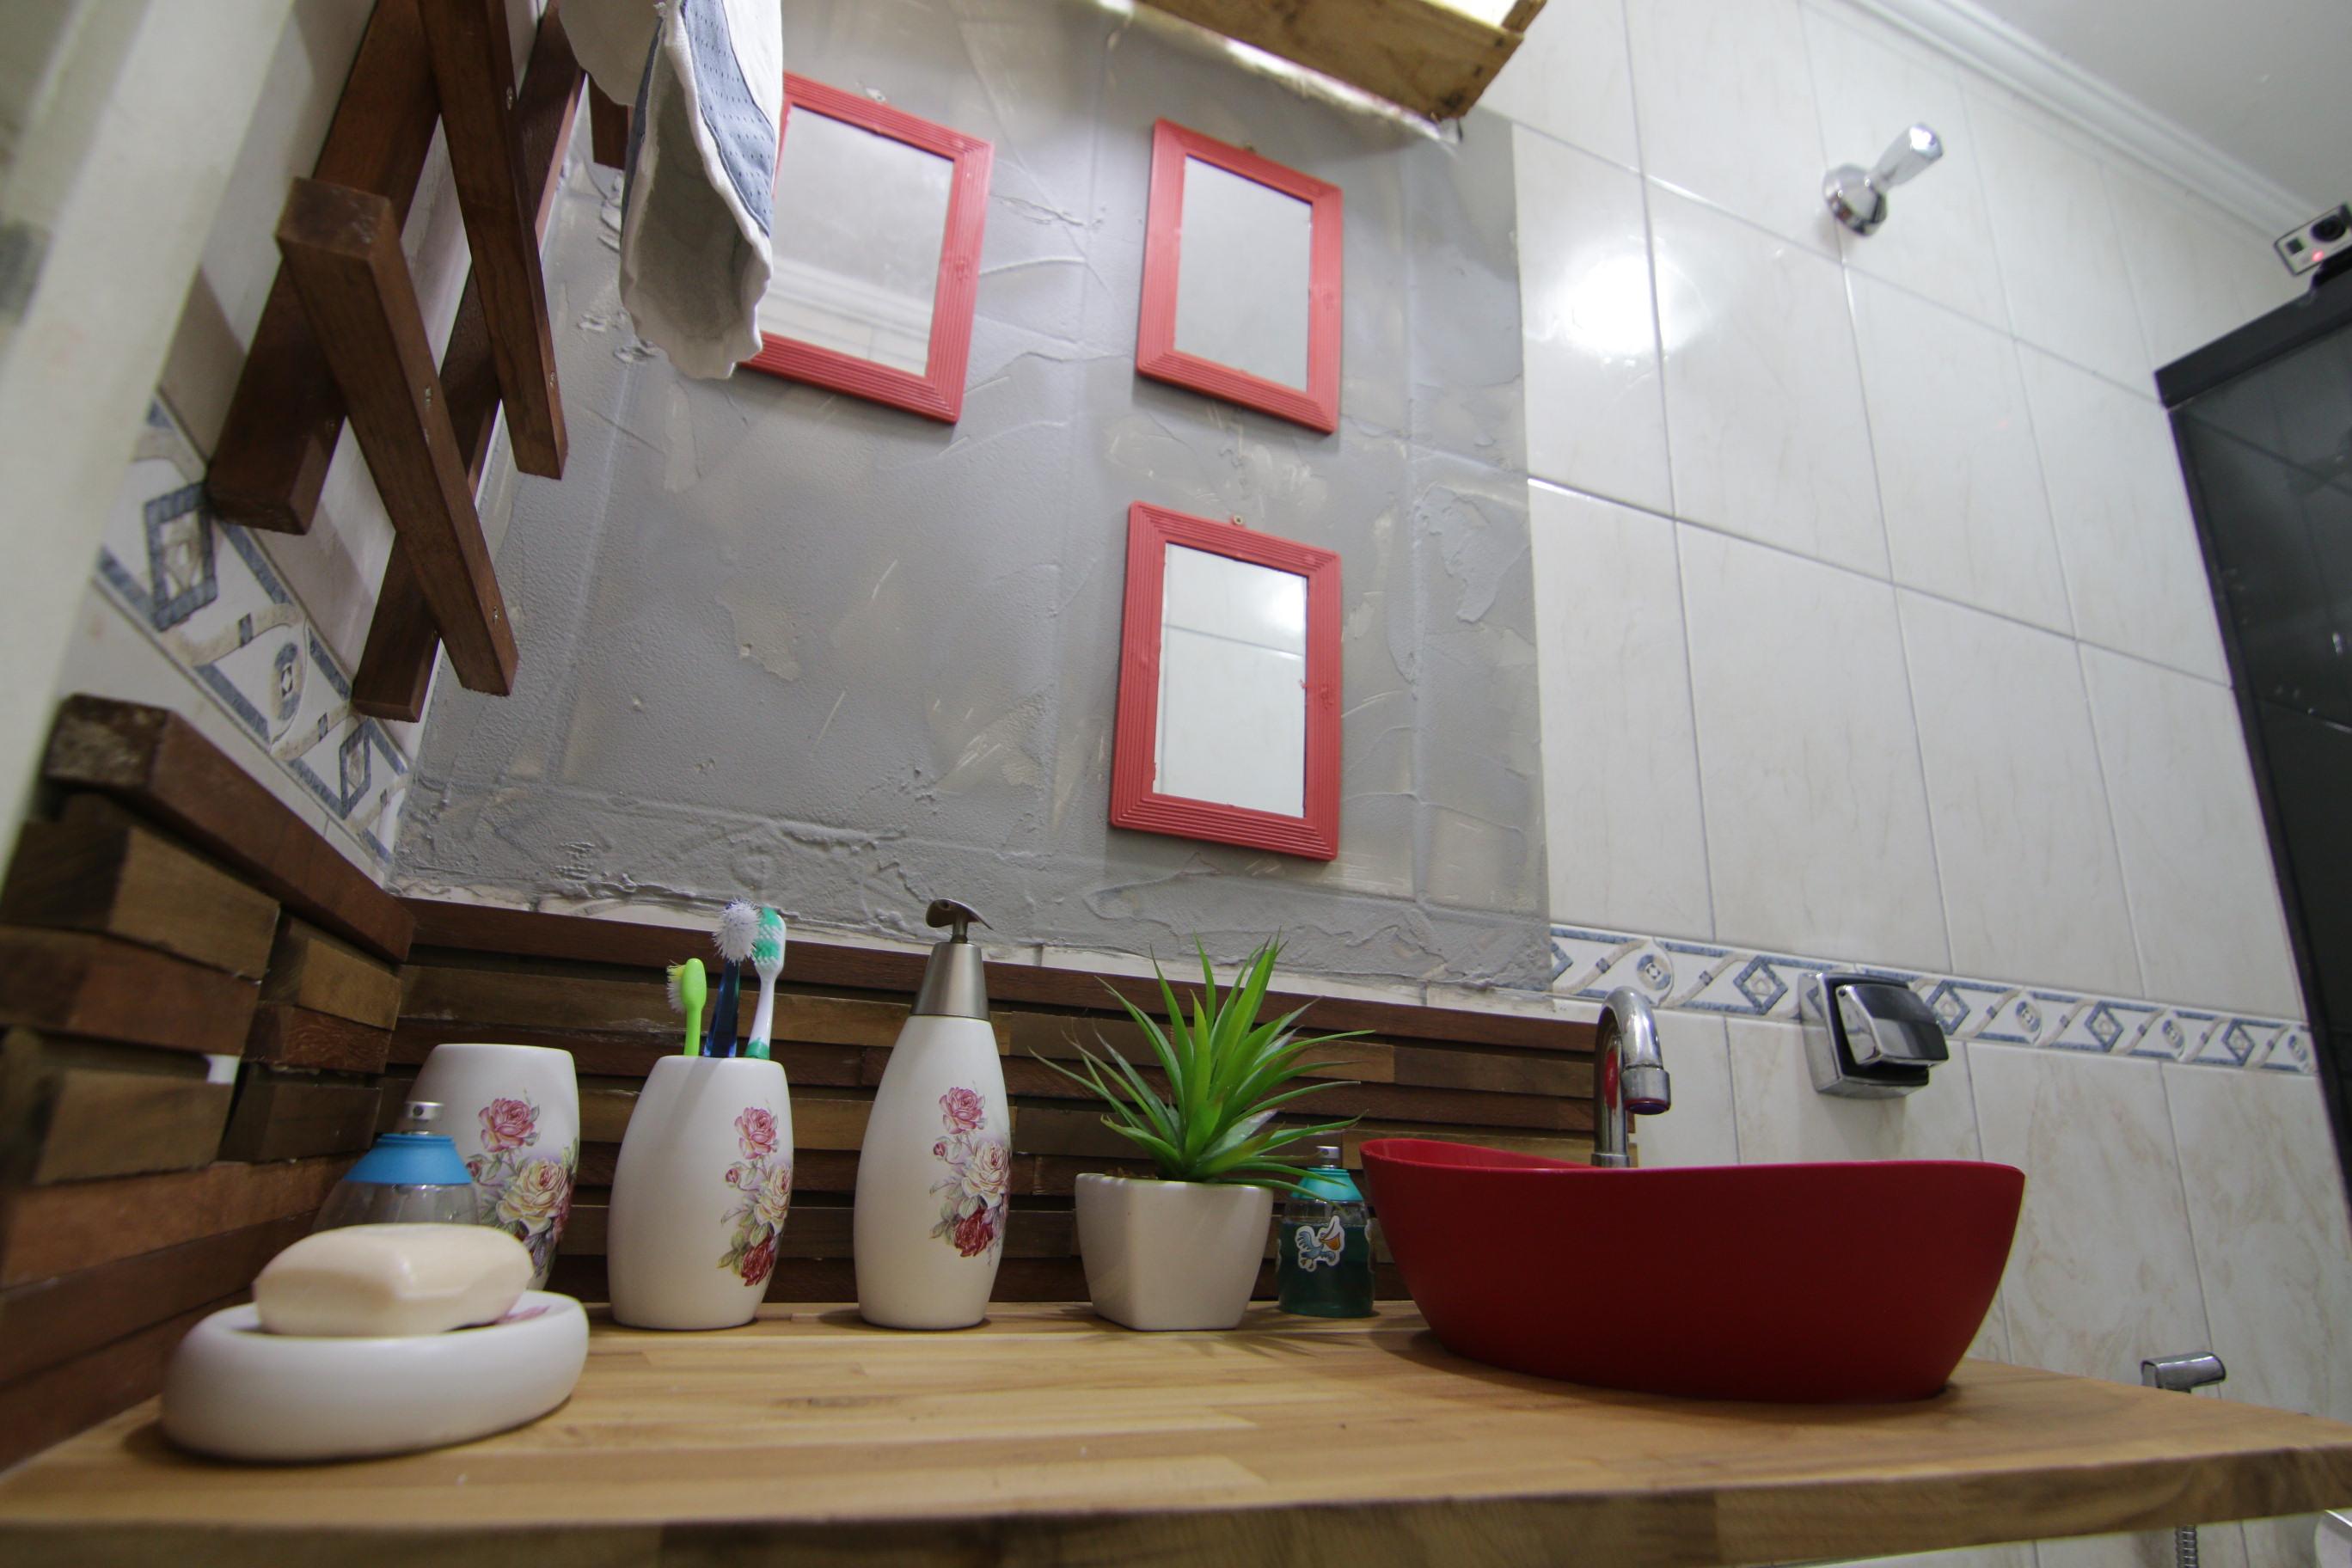 Cuba para banheiro: 7 Ideias com materiais simples! Blog Siote #416420 2736 1824